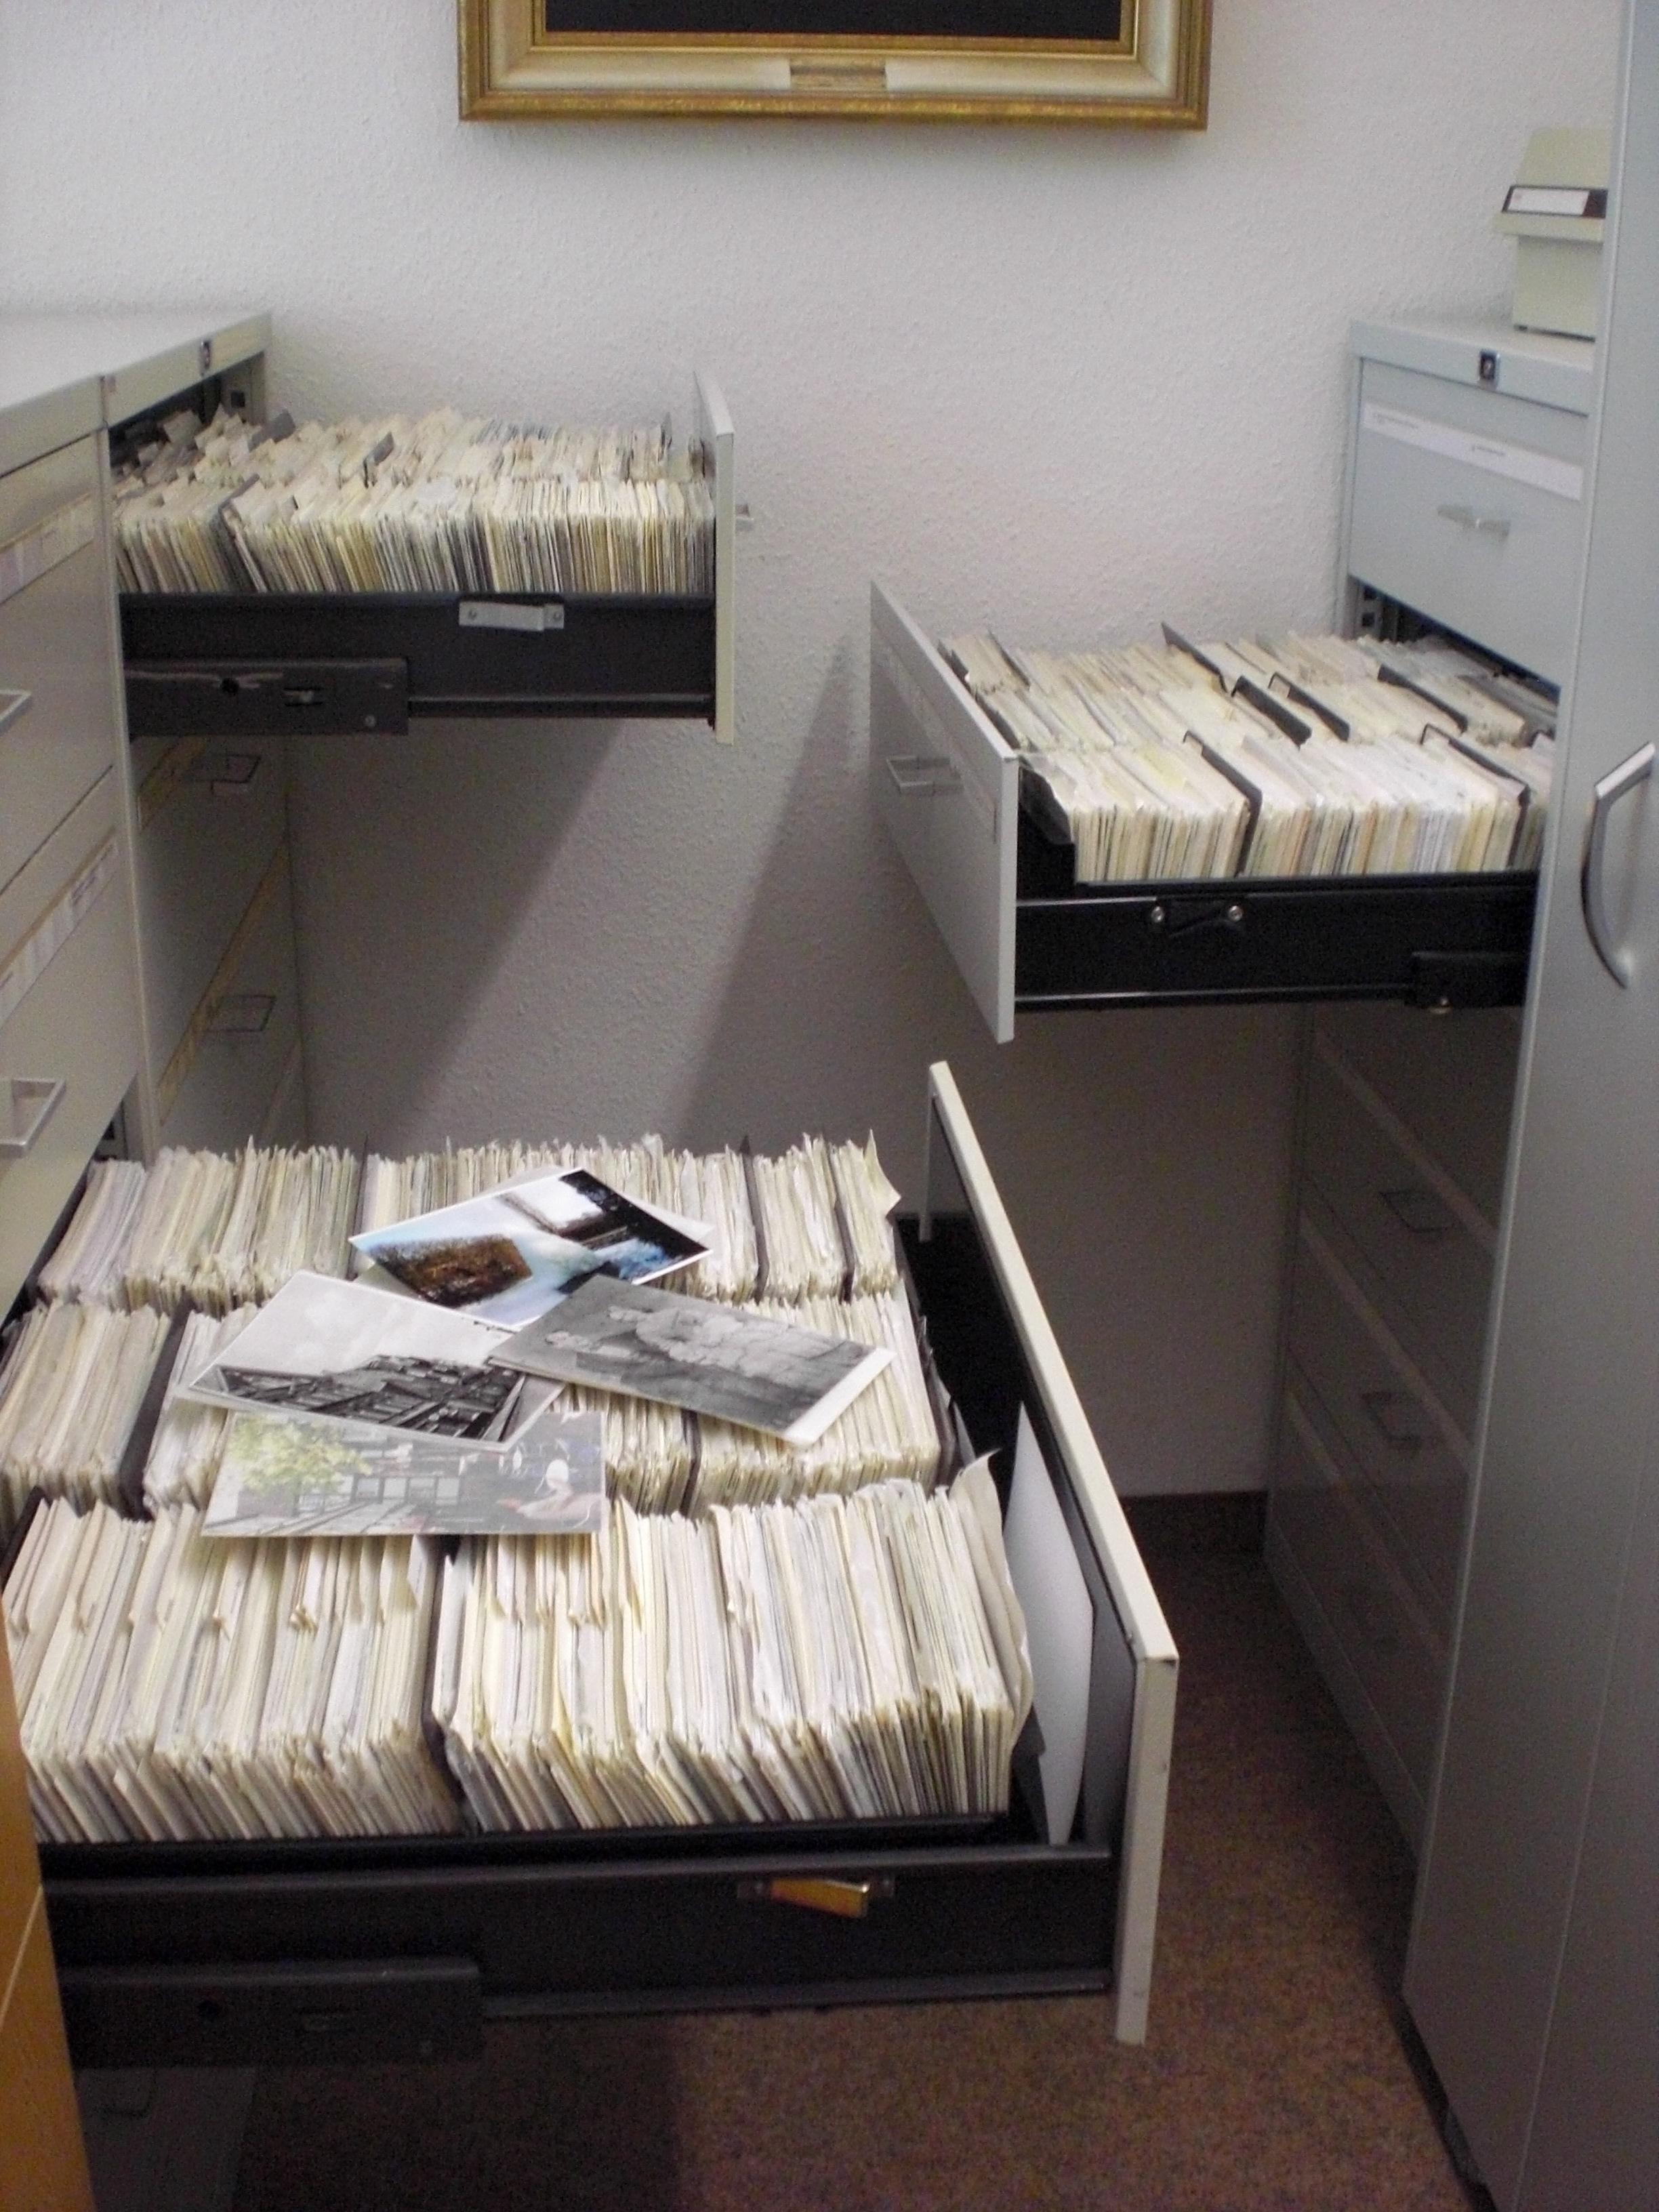 In sommige gevallen kan je er voor opteren (een deel van) je collectie onder te brengen bij een professionele collectiebeherende instelling. In Vlaanderen en Brussel zijn er tal van professionele bewaarinstellingen aanwezig. Ze staan op alle niveaus (landelijk, regionaal, lokaal) klaar om de verscheidenheid aan archivalisch erfgoed op te vangen, te bewaren, te beheren en te valoriseren voor het wetenschappelijk onderzoek en het grote publiek.